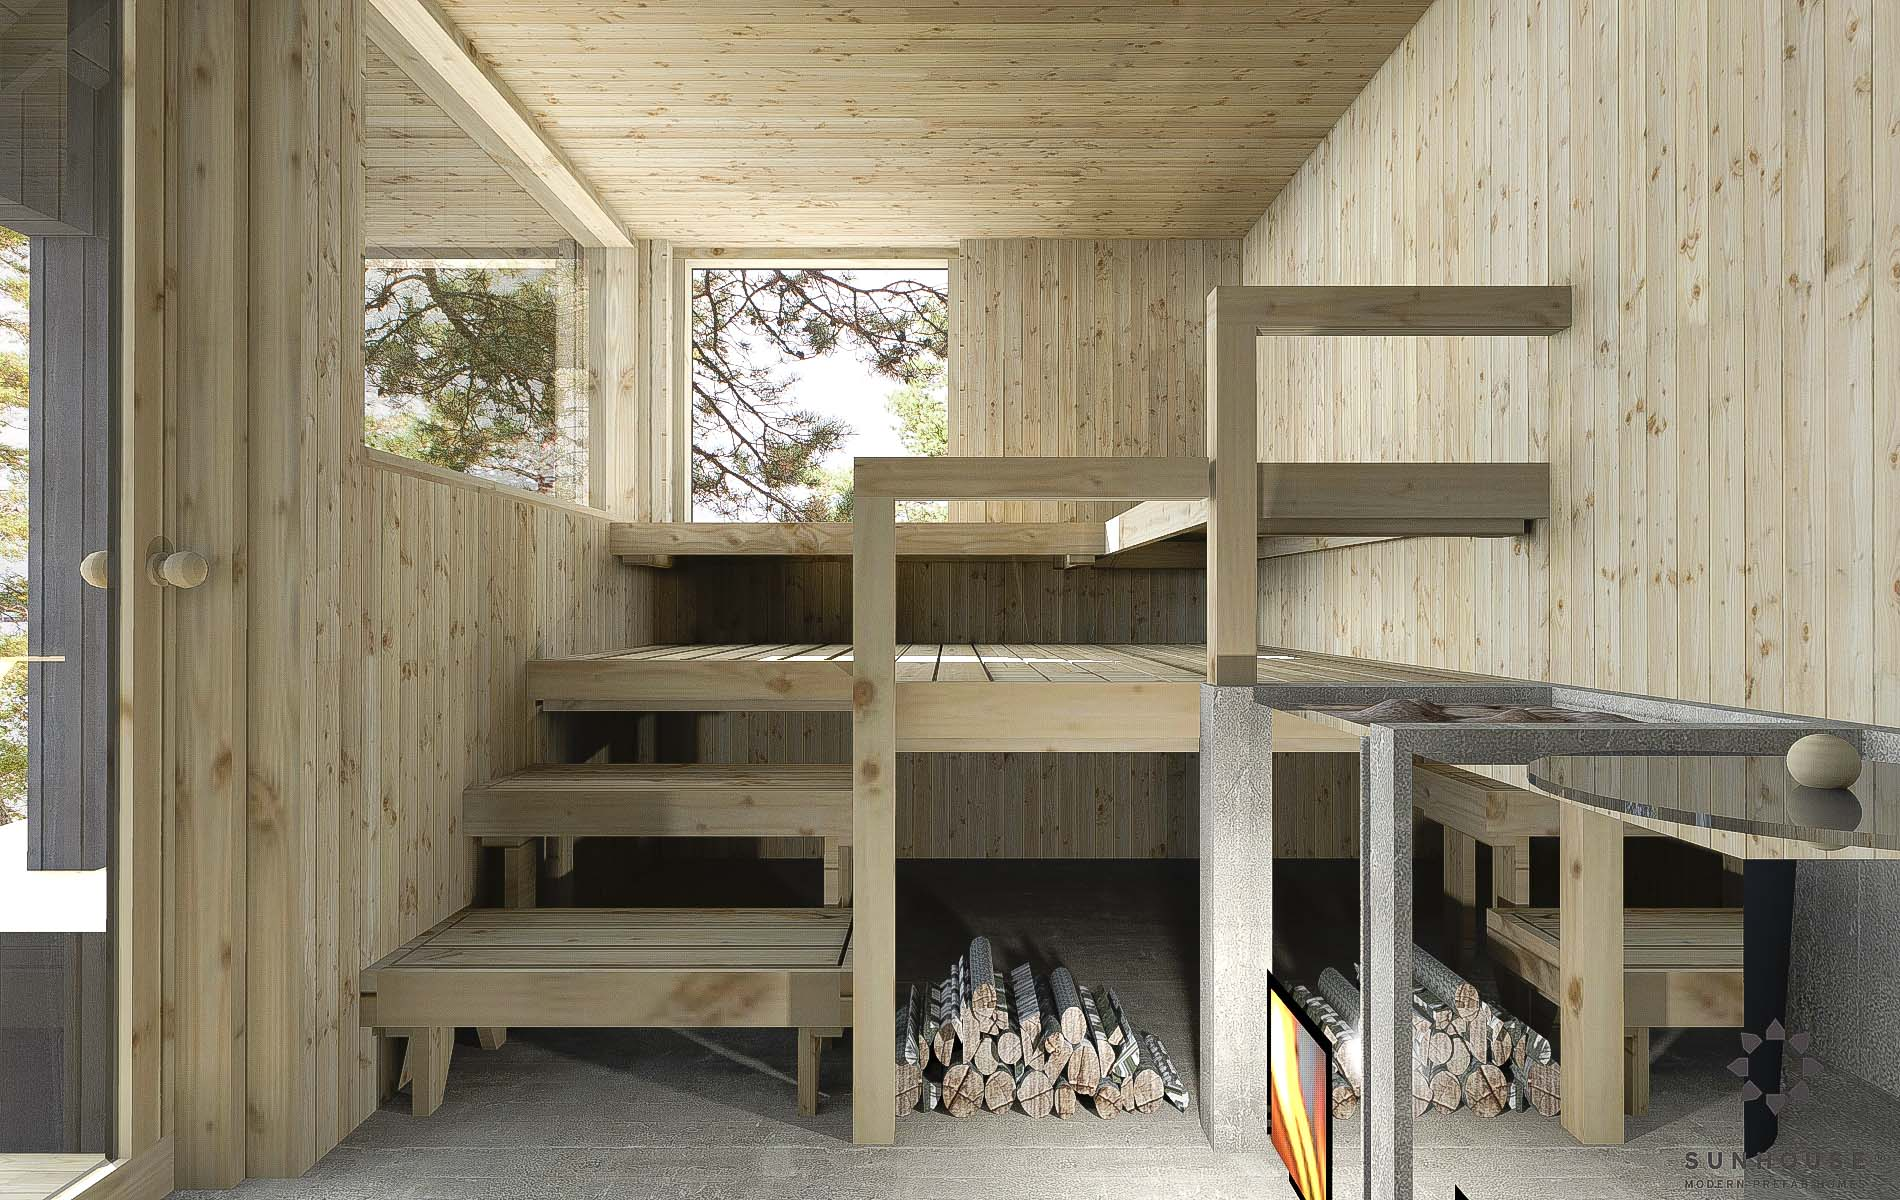 S1515-sauna_moderni_valmistalo_005.jpg